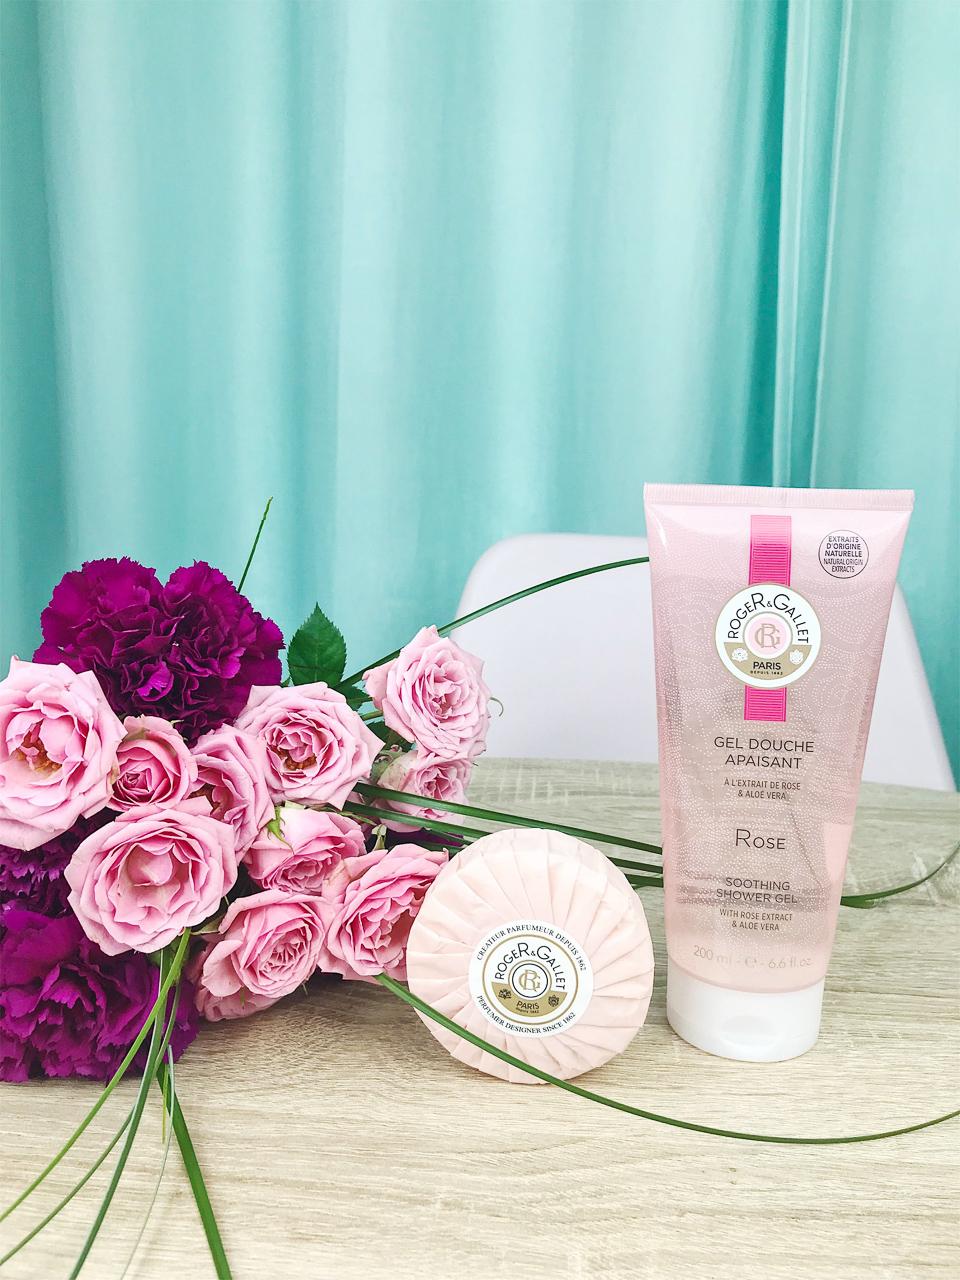 Savon Parfumé et Gel Douche Apaisant - Rose, ROGER & GALLET.